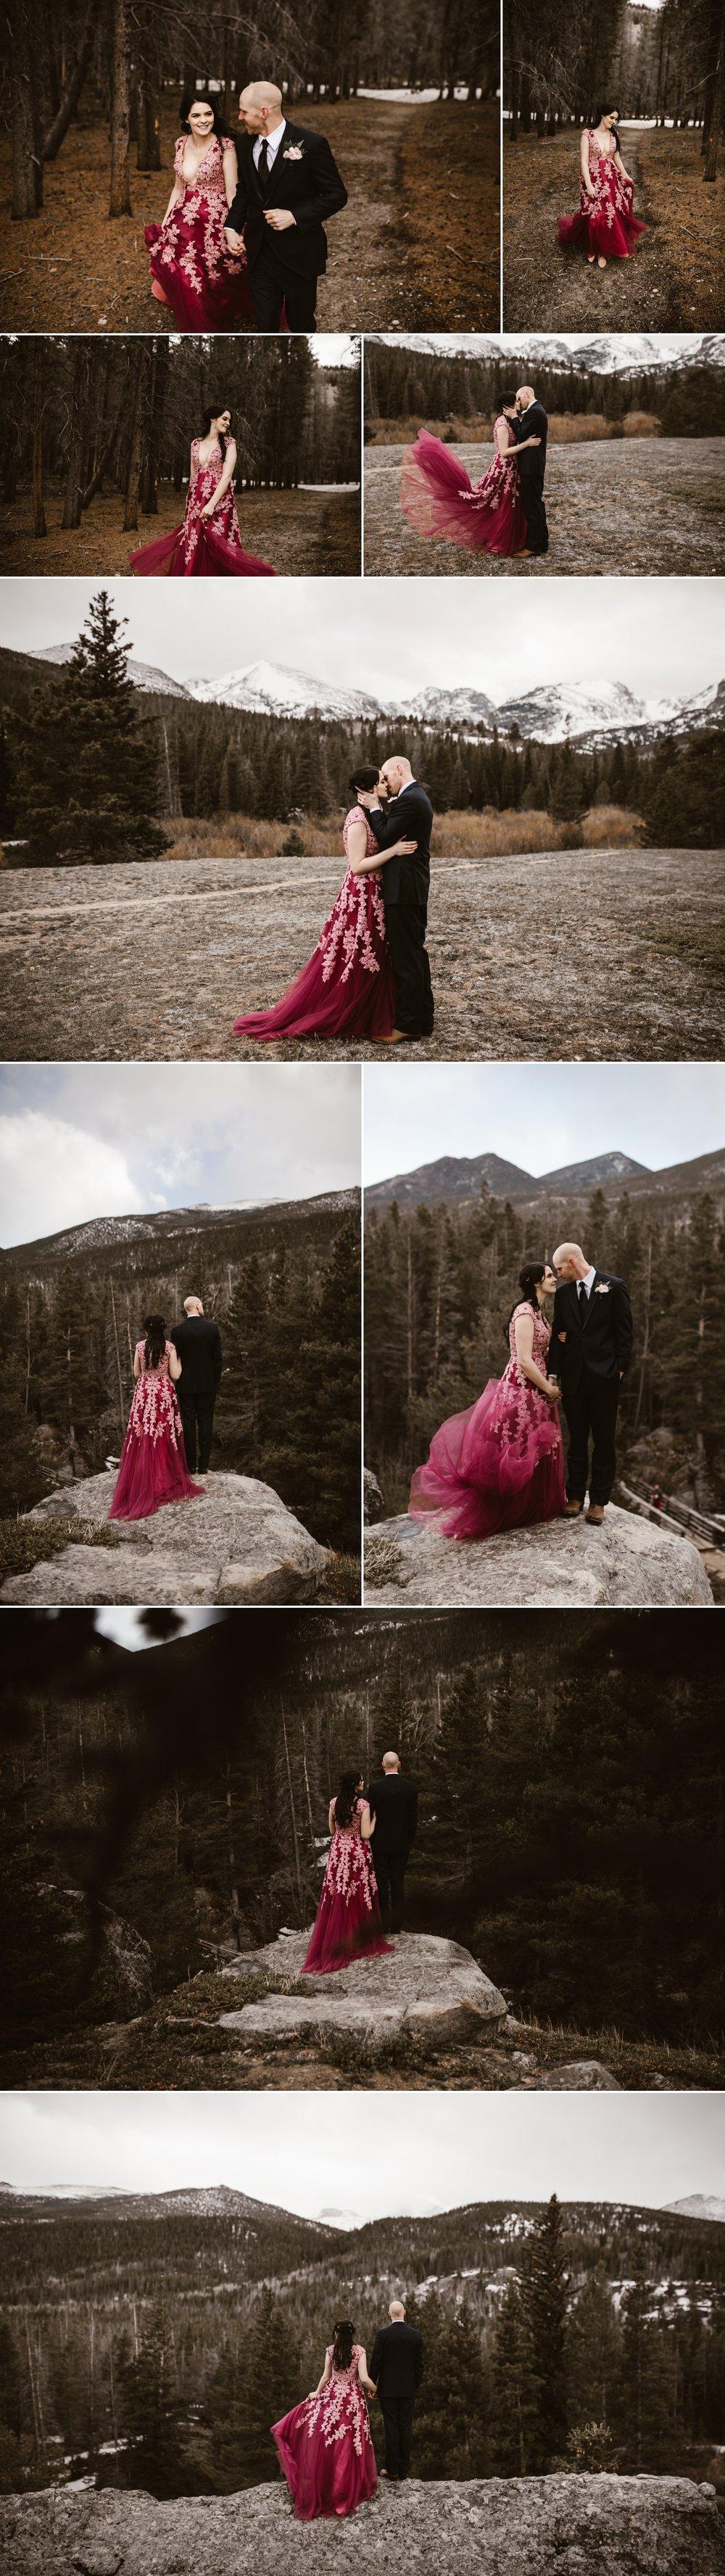 The Huwe Wedding 10.jpg